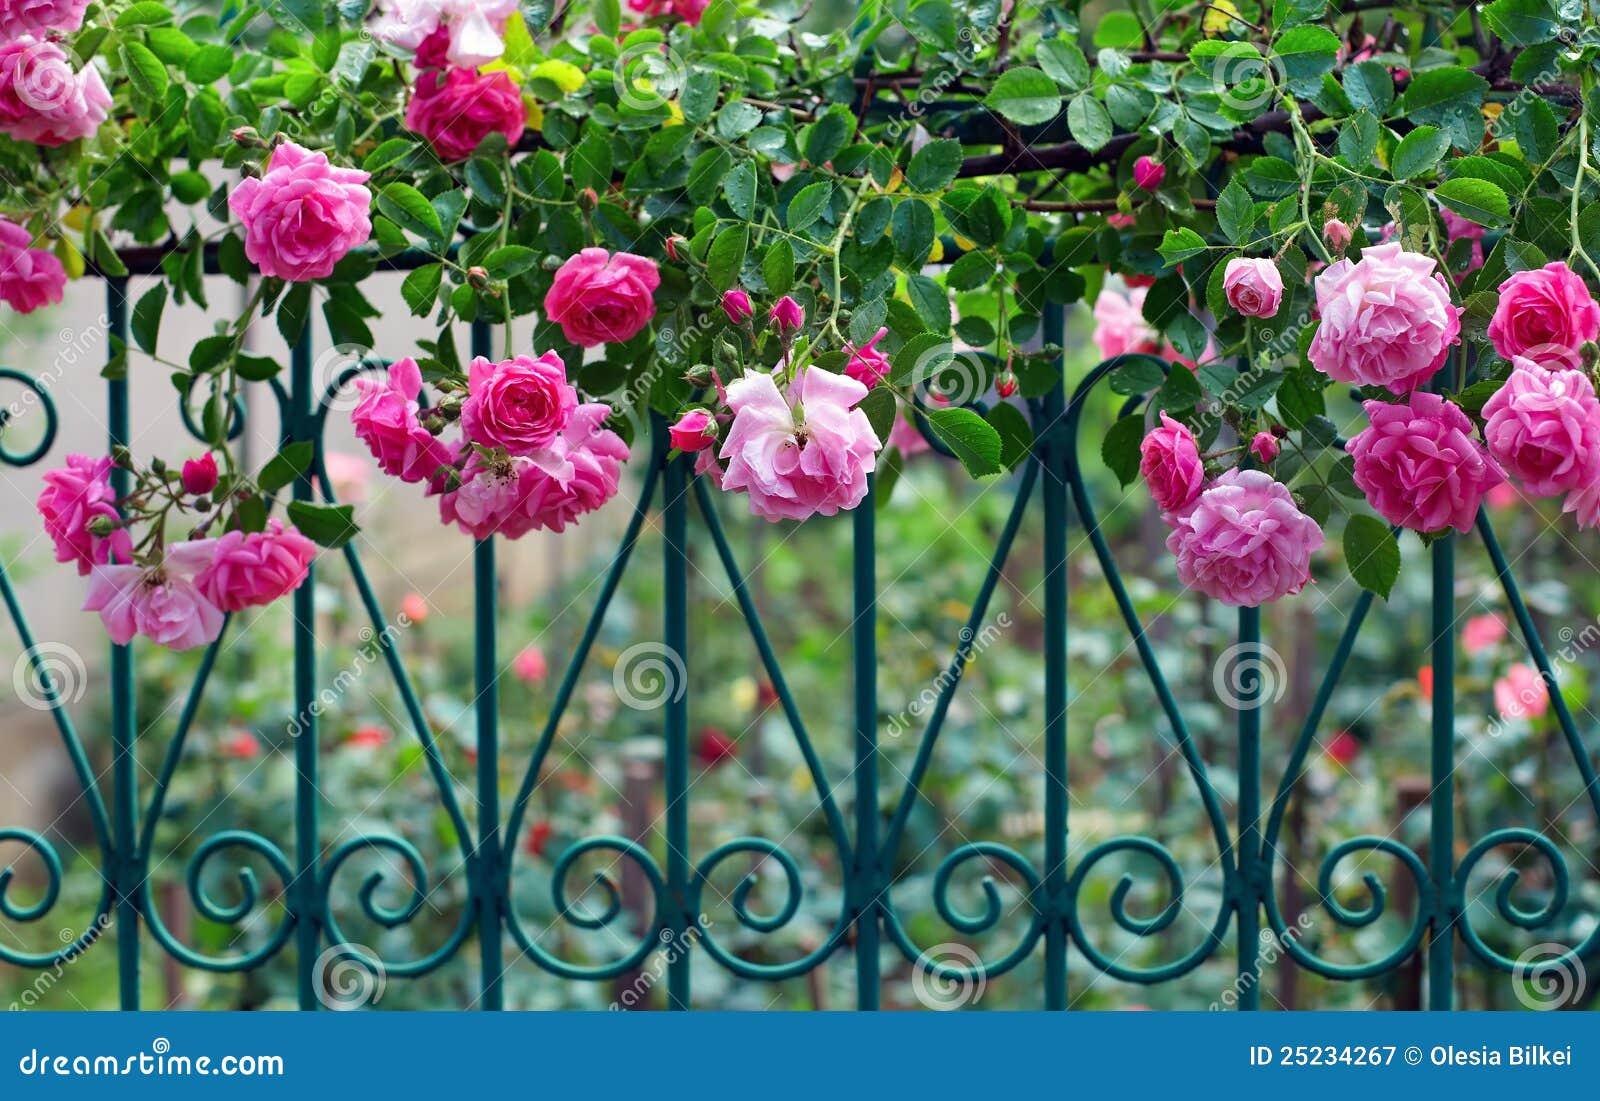 上升的范围伪造的庭院粉红色上升了